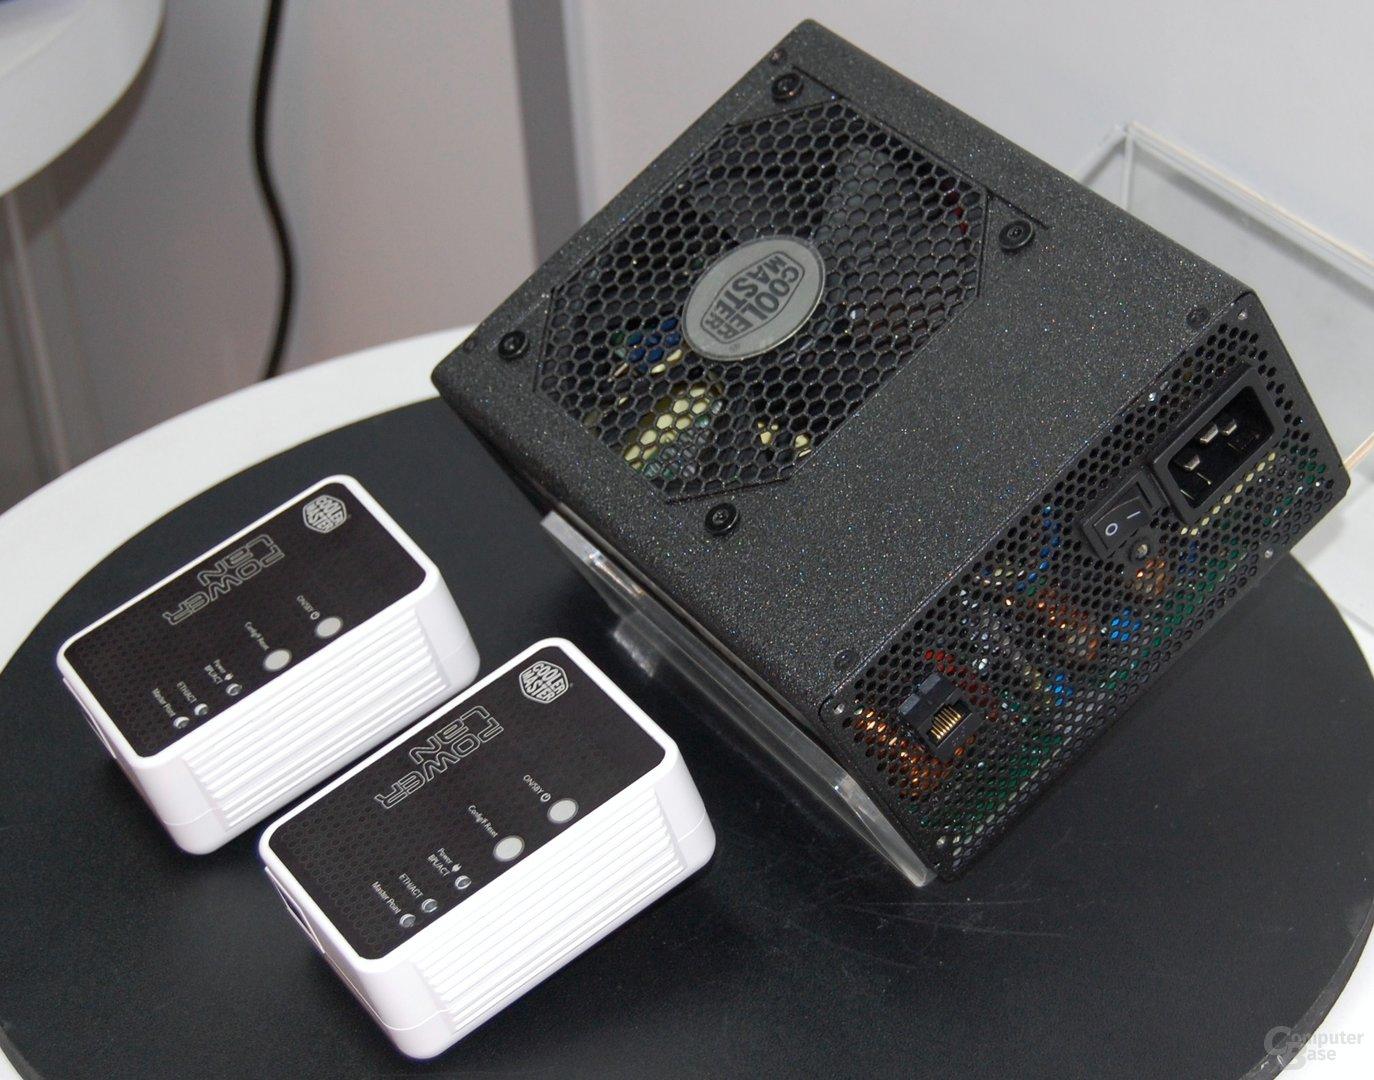 Cooler Master Power LAN 700W